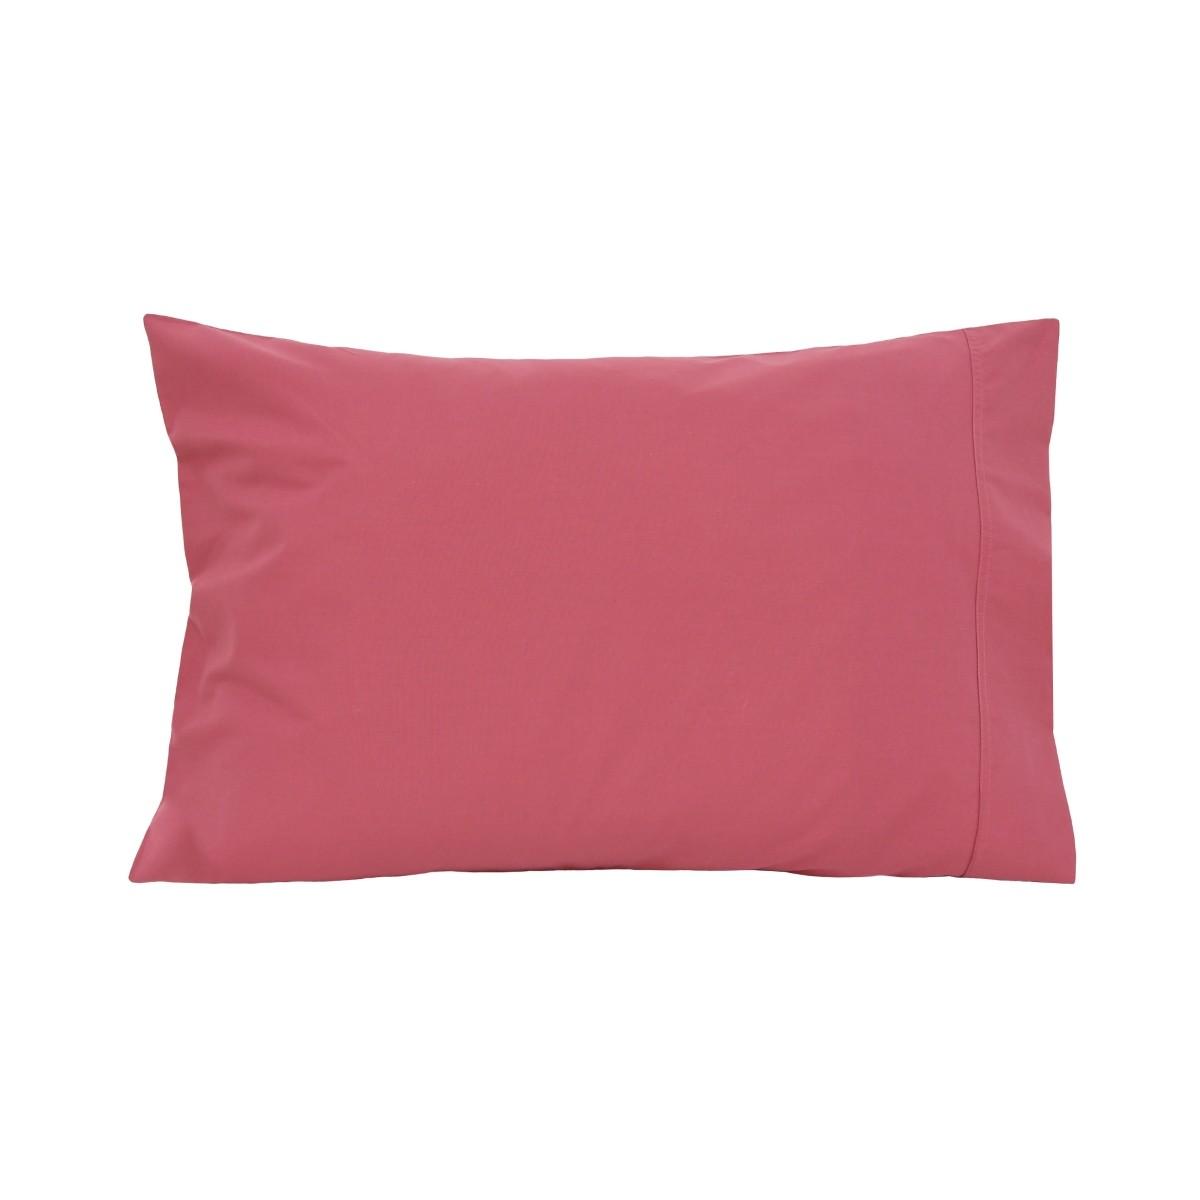 Pillowcase, Nude